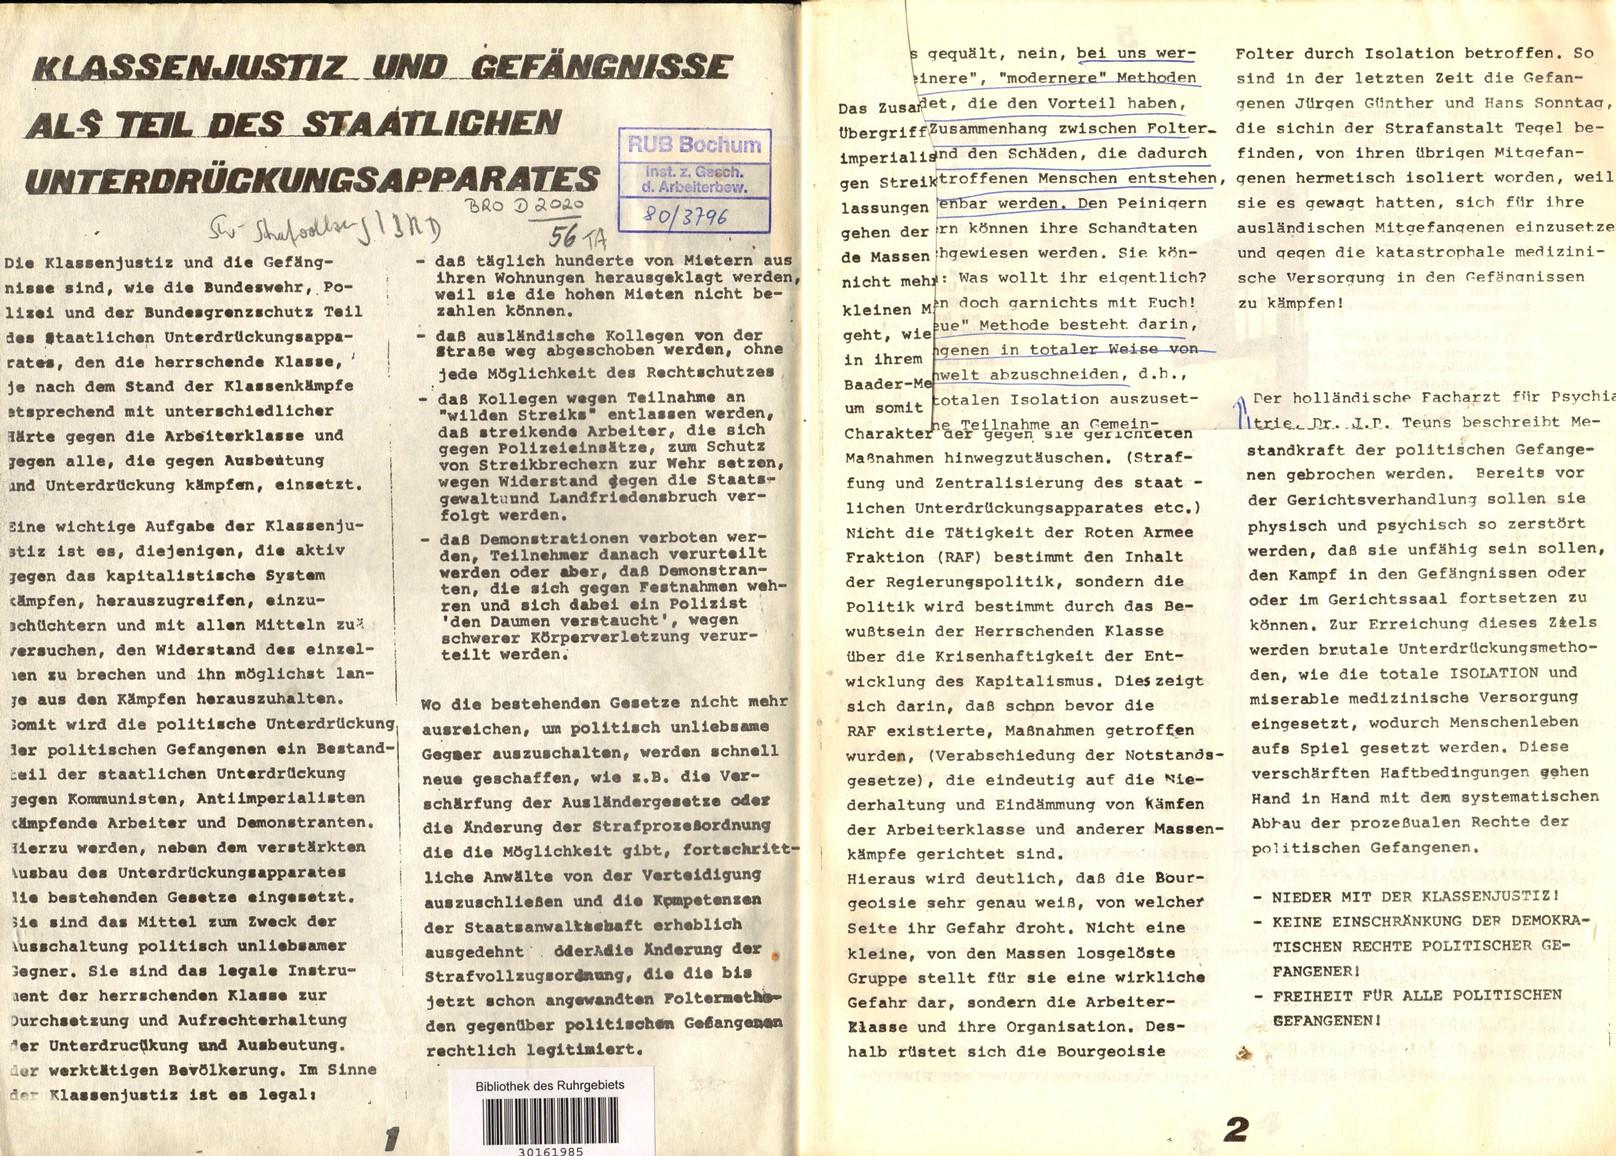 Berlin_RHeV_1974_Schluss_mit_der_Isolationsfolter_02